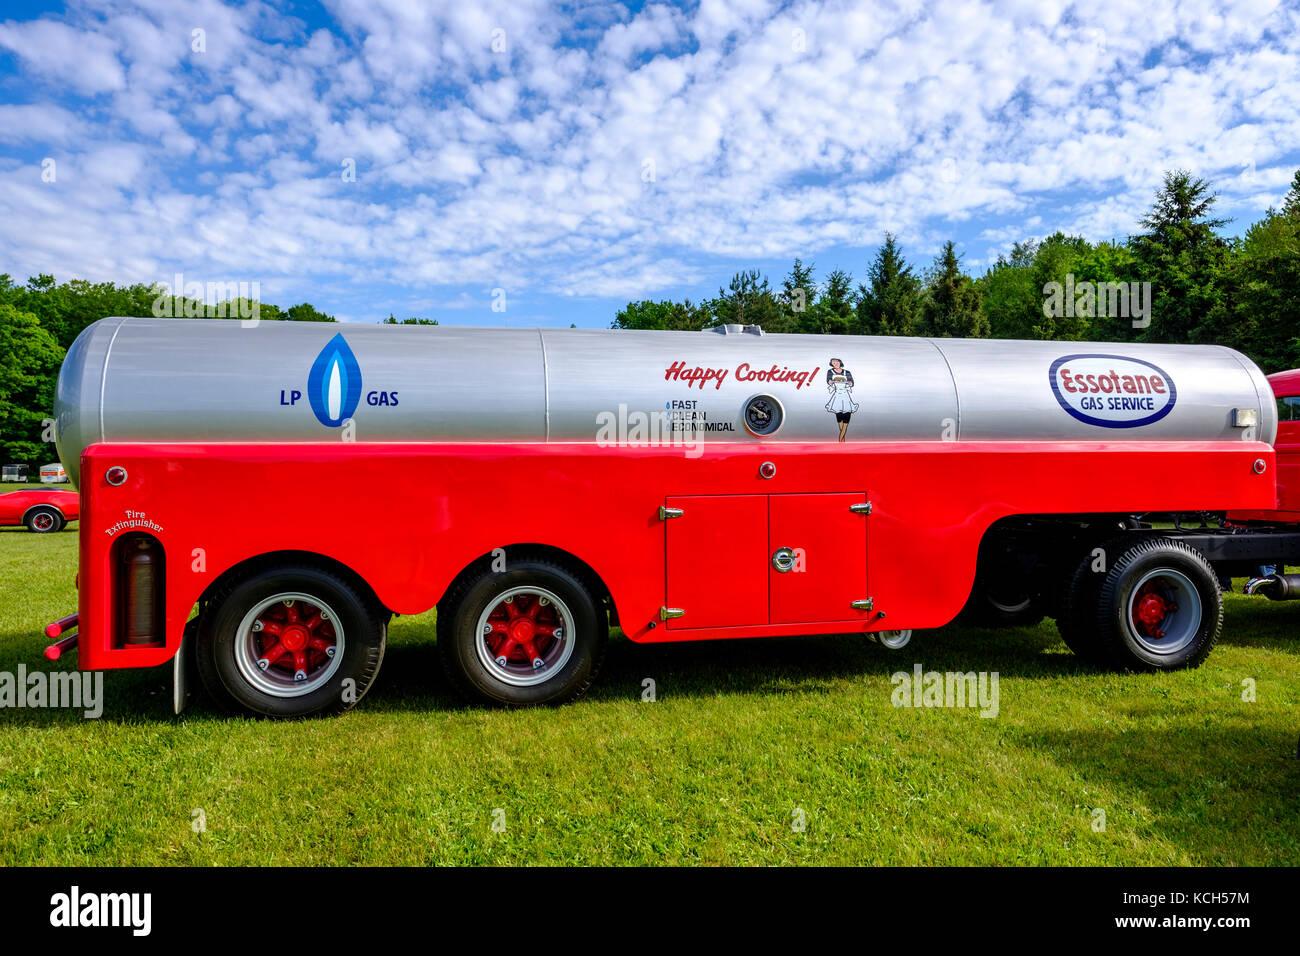 Jahrgang Tankwagen Fur Den Transport Essotane